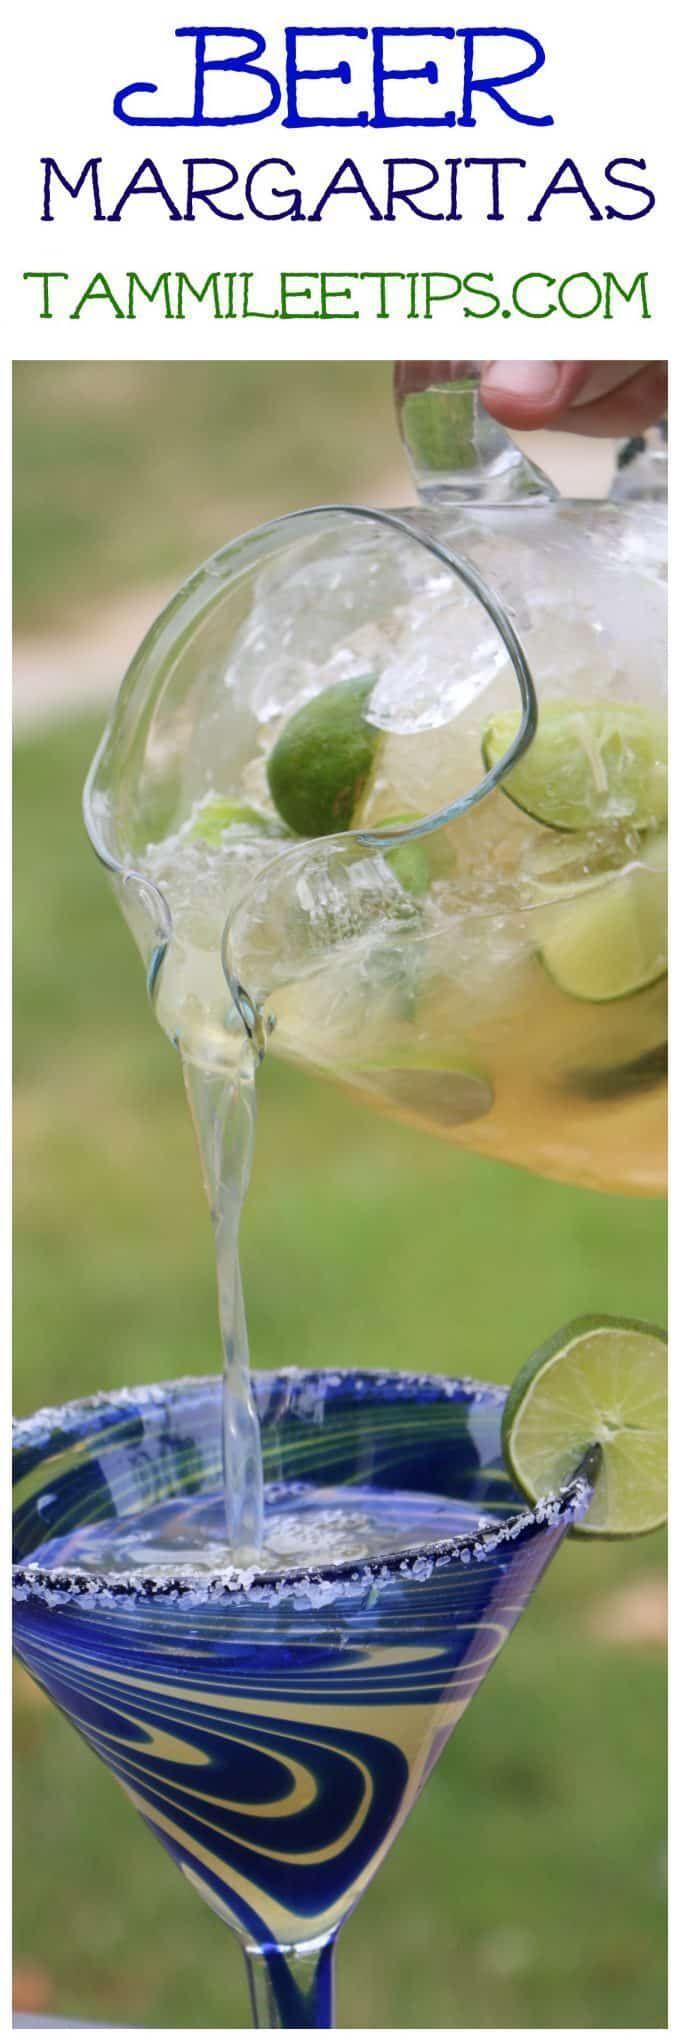 Beer Margaritas, auch Beerita oder Beergarita genannt, sind nicht nur für den Sommer gedacht! Pro... #frozenmargaritarecipes Beer Margaritas, auch Beerita oder Beergarita genannt, sind nicht nur für den Sommer gedacht! Pro... #frozenmargaritarecipes